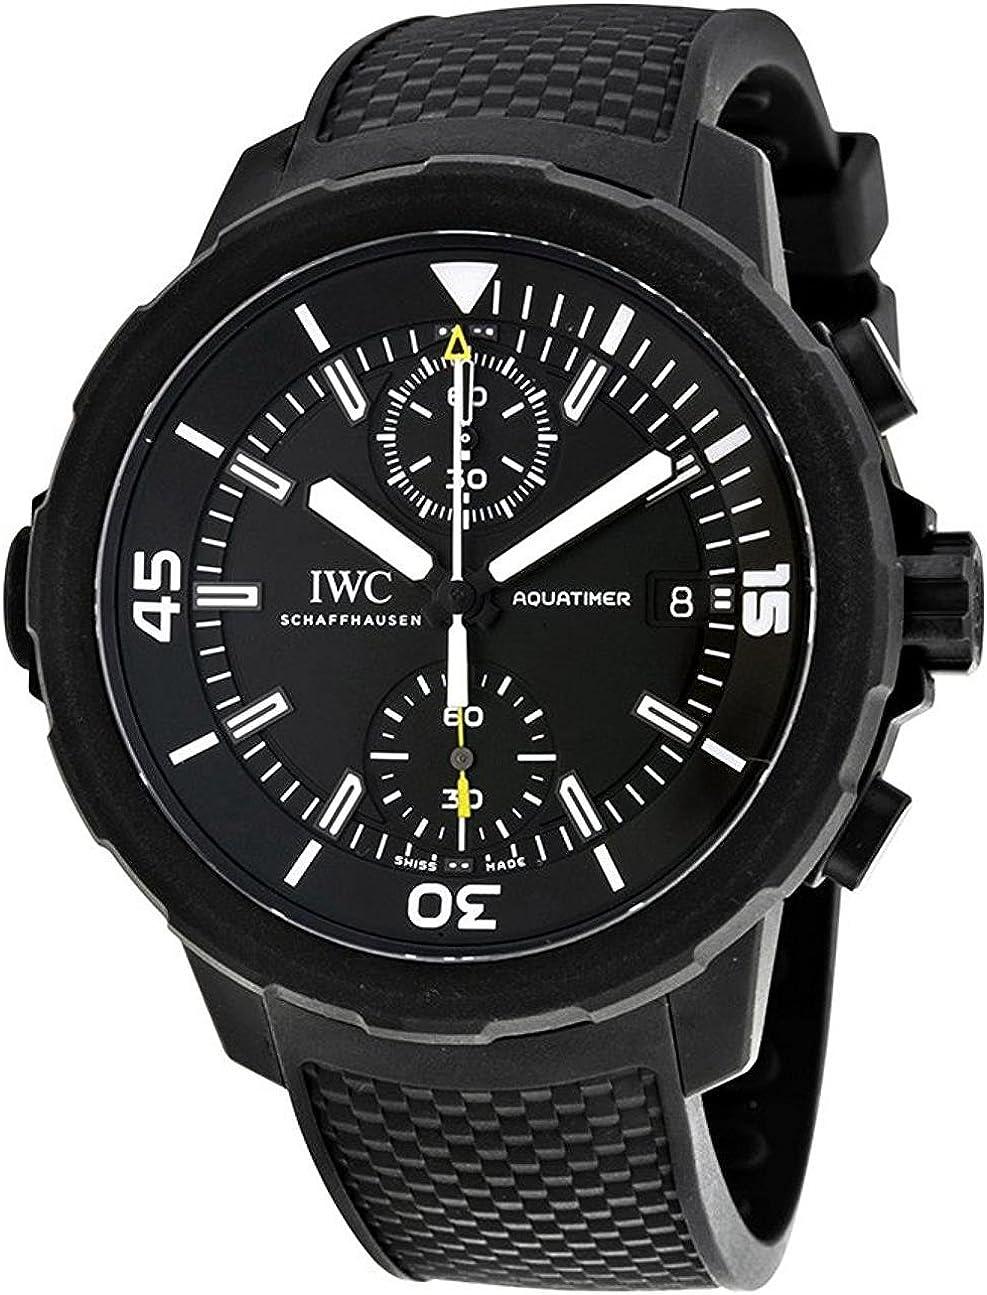 IWC Aquatimer Chronograph Galapagos Islands Mens Watch IW379502